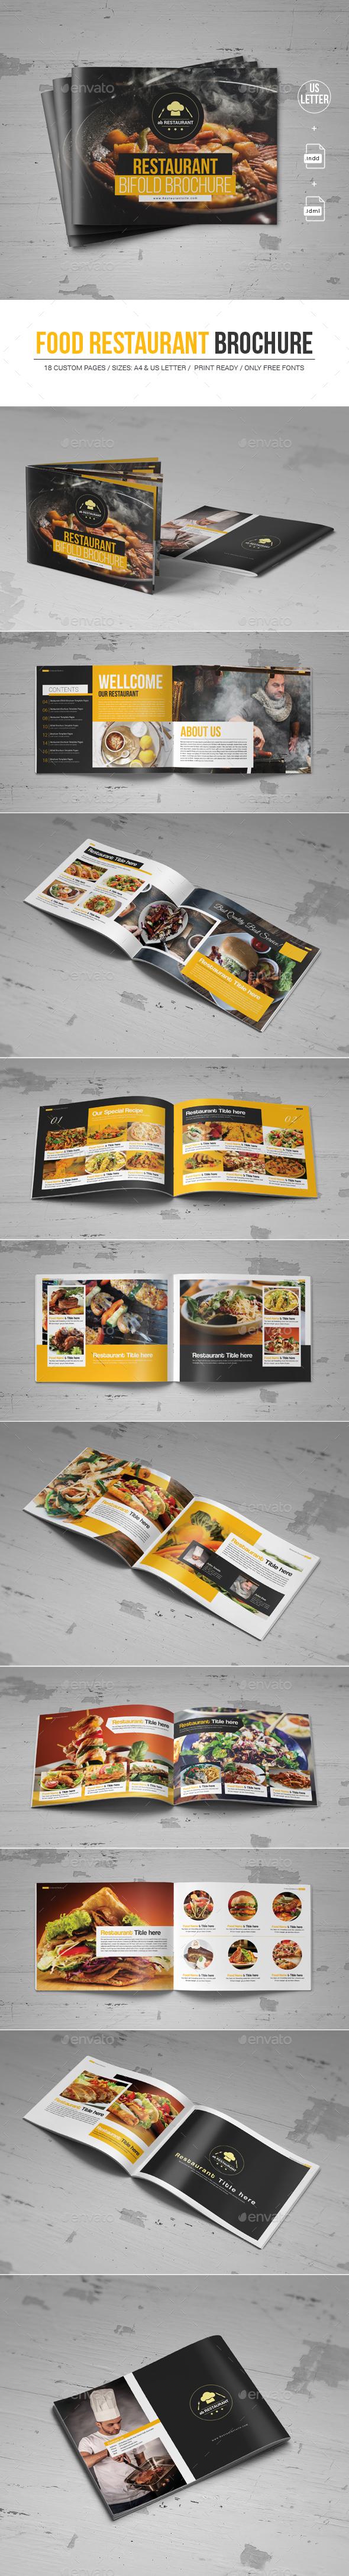 Food Restaurant Brochure - Corporate Brochures